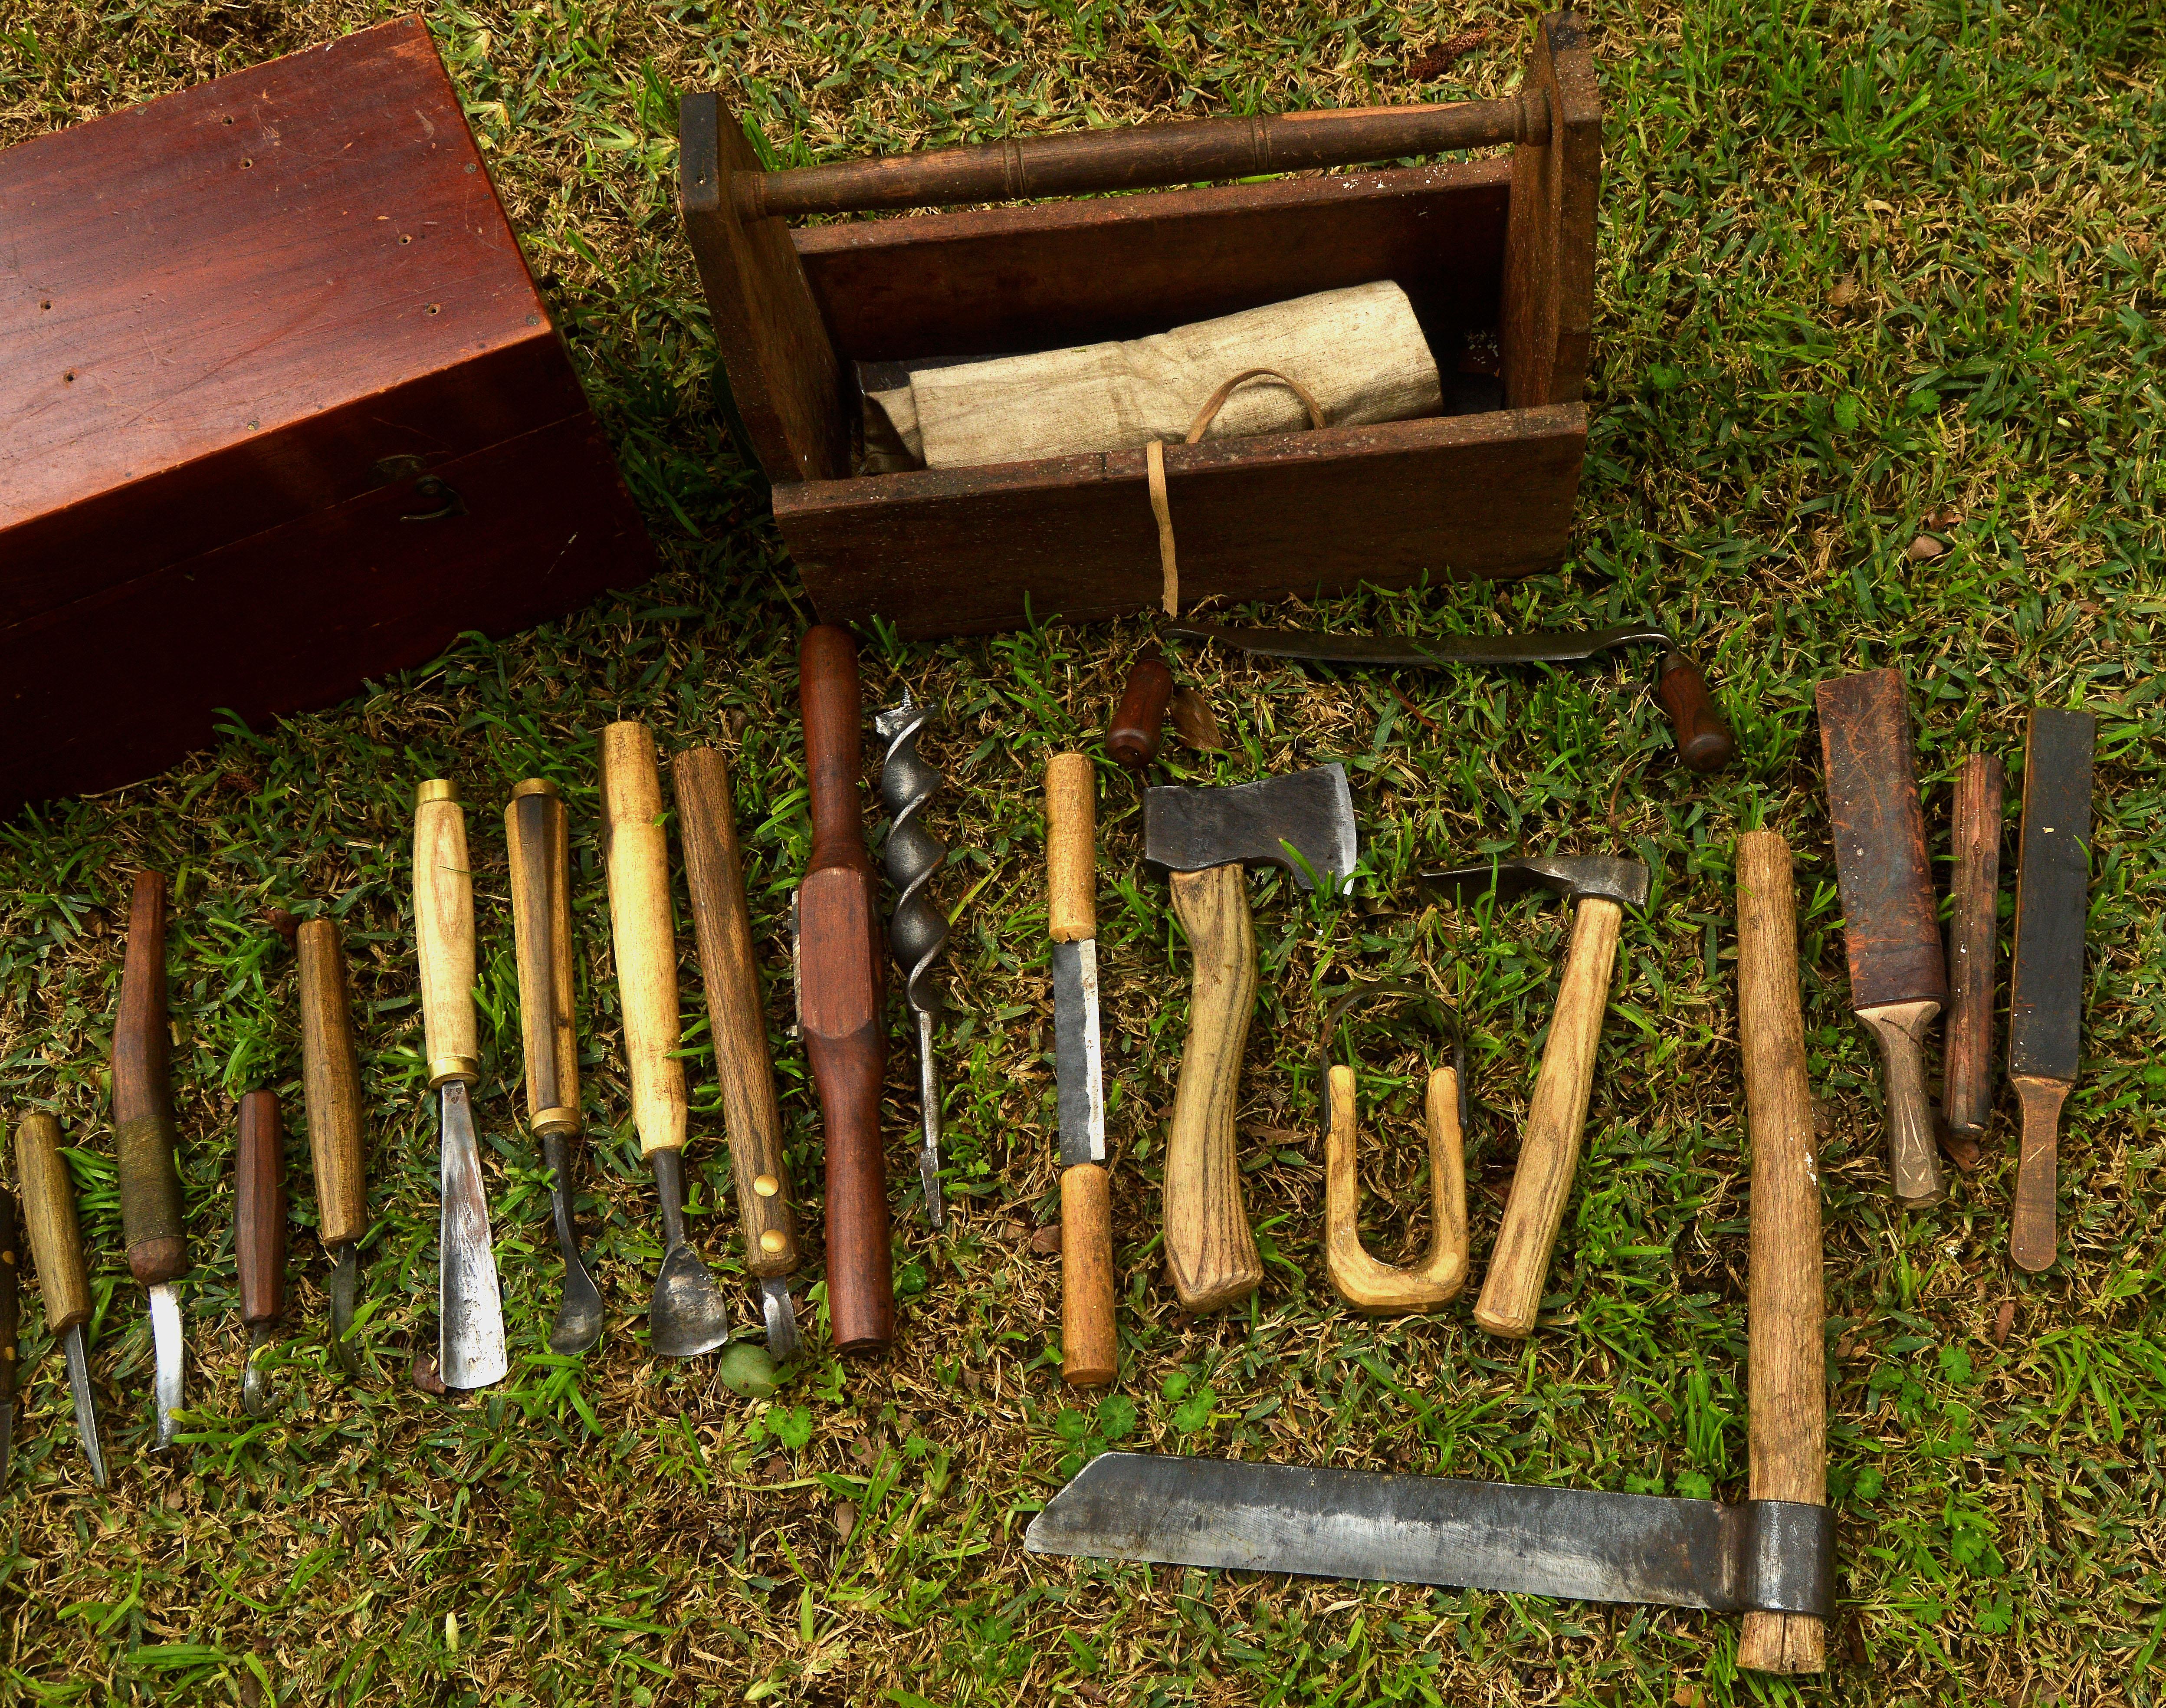 Green Woodworking Tools Chisels Gouges Scissors Etc I